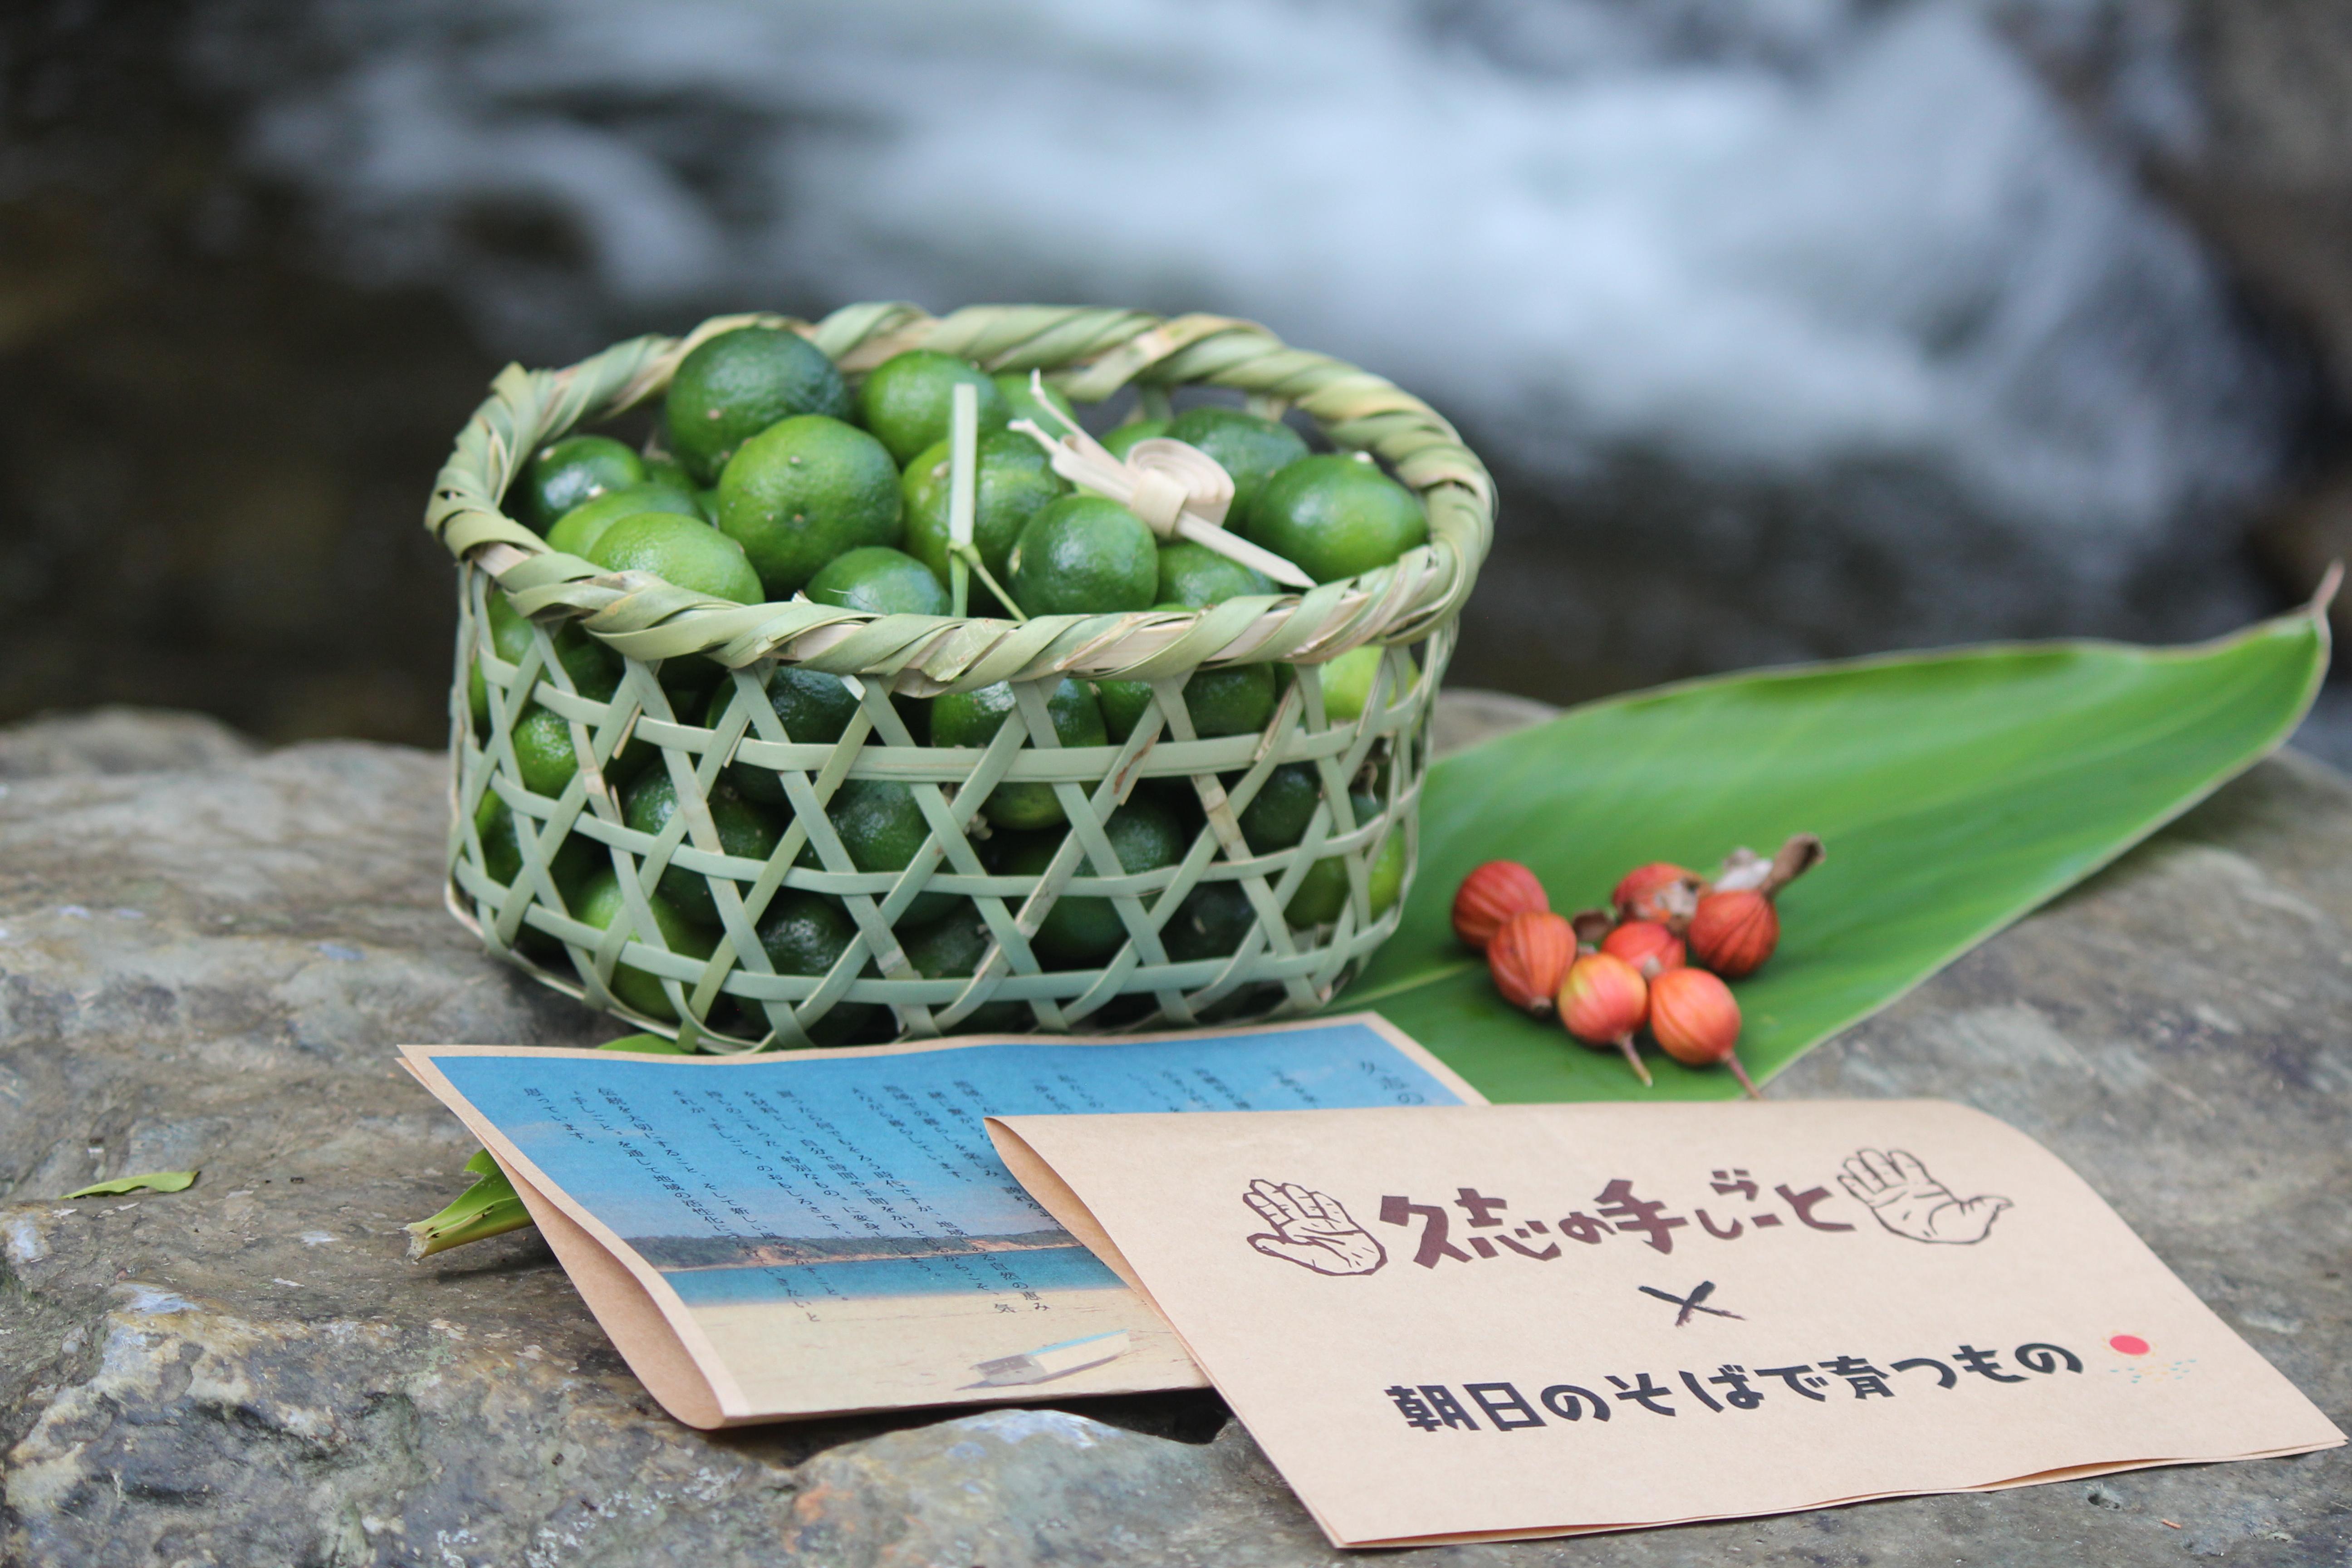 数量限定|10月18日(日)〆切り】竹かごとシークヮーサー(送料別全国 ...